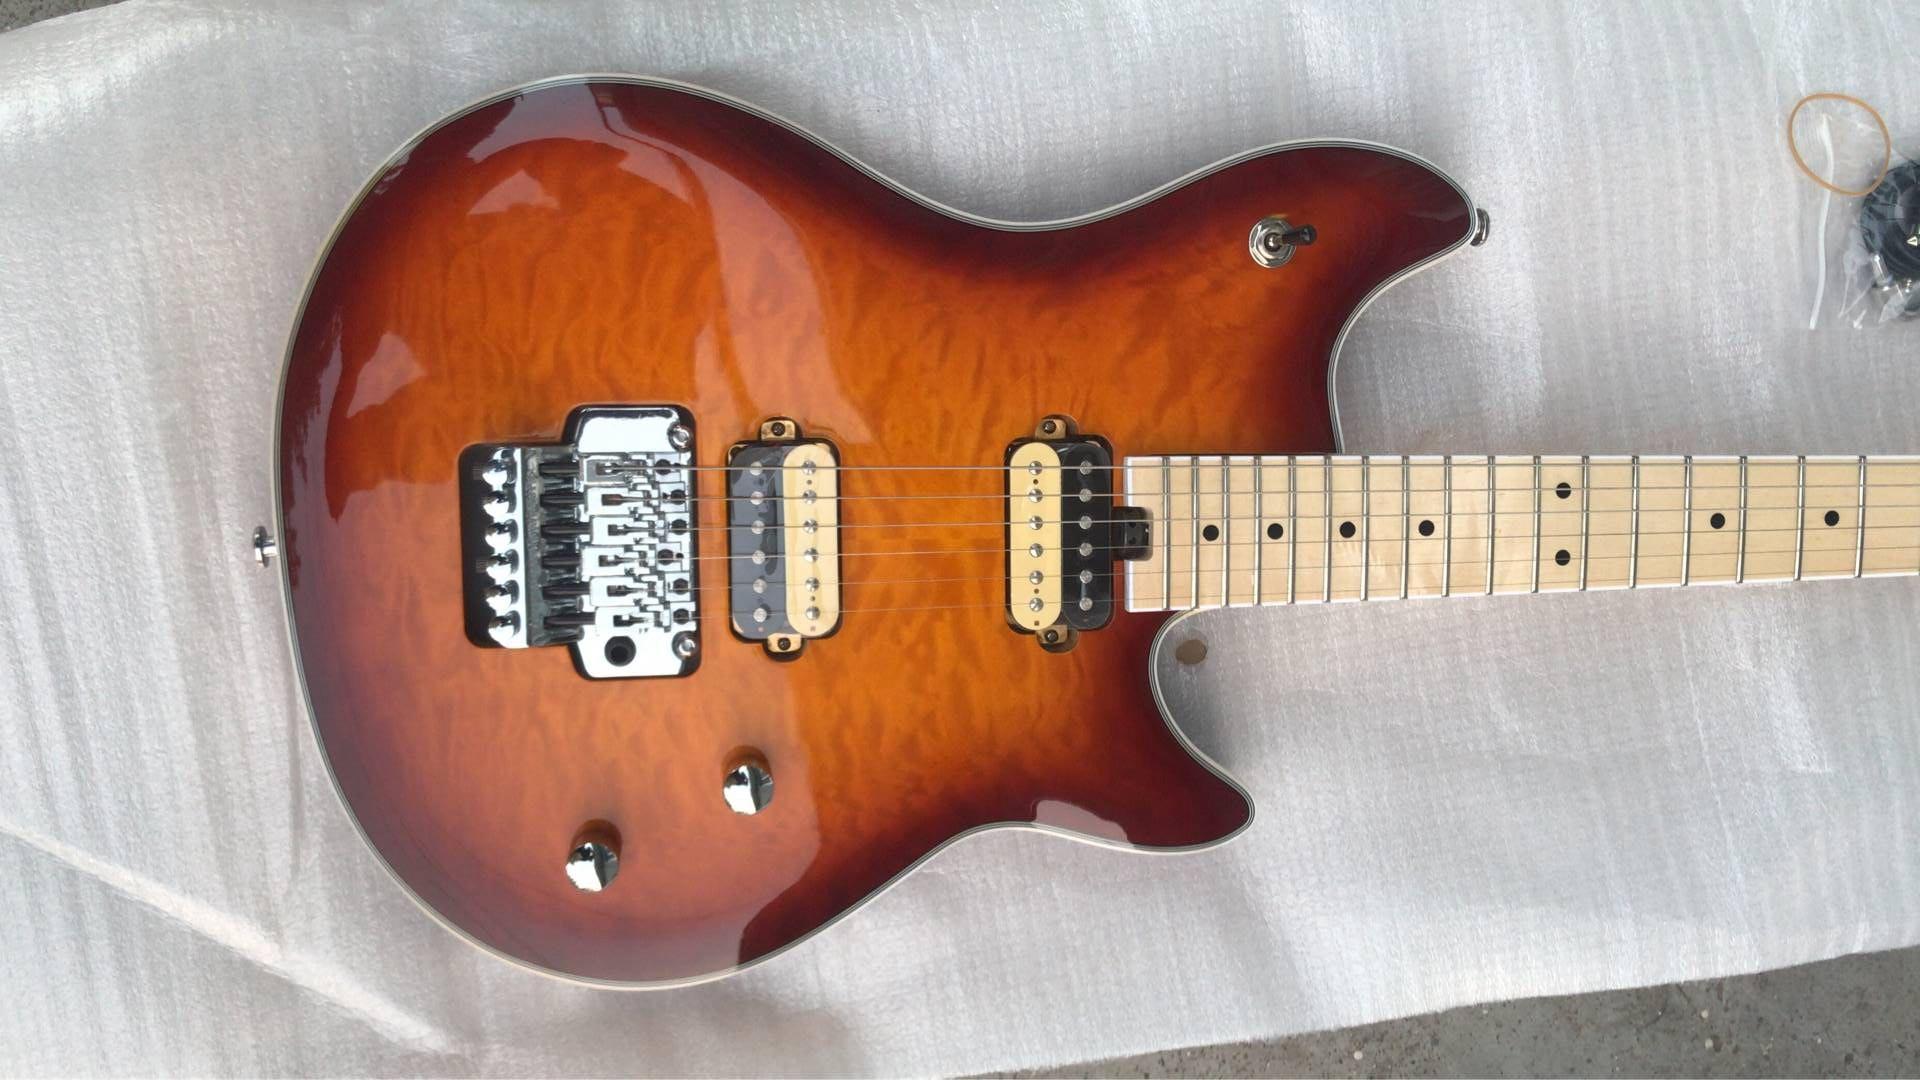 Edward Van Halen Gang MusicMan Ernie Balle Axe Brun Sunburst Quilted Maple Top Guitare Électrique Manche En Érable, Floyd Rose Tremolo Écrou De Blocage